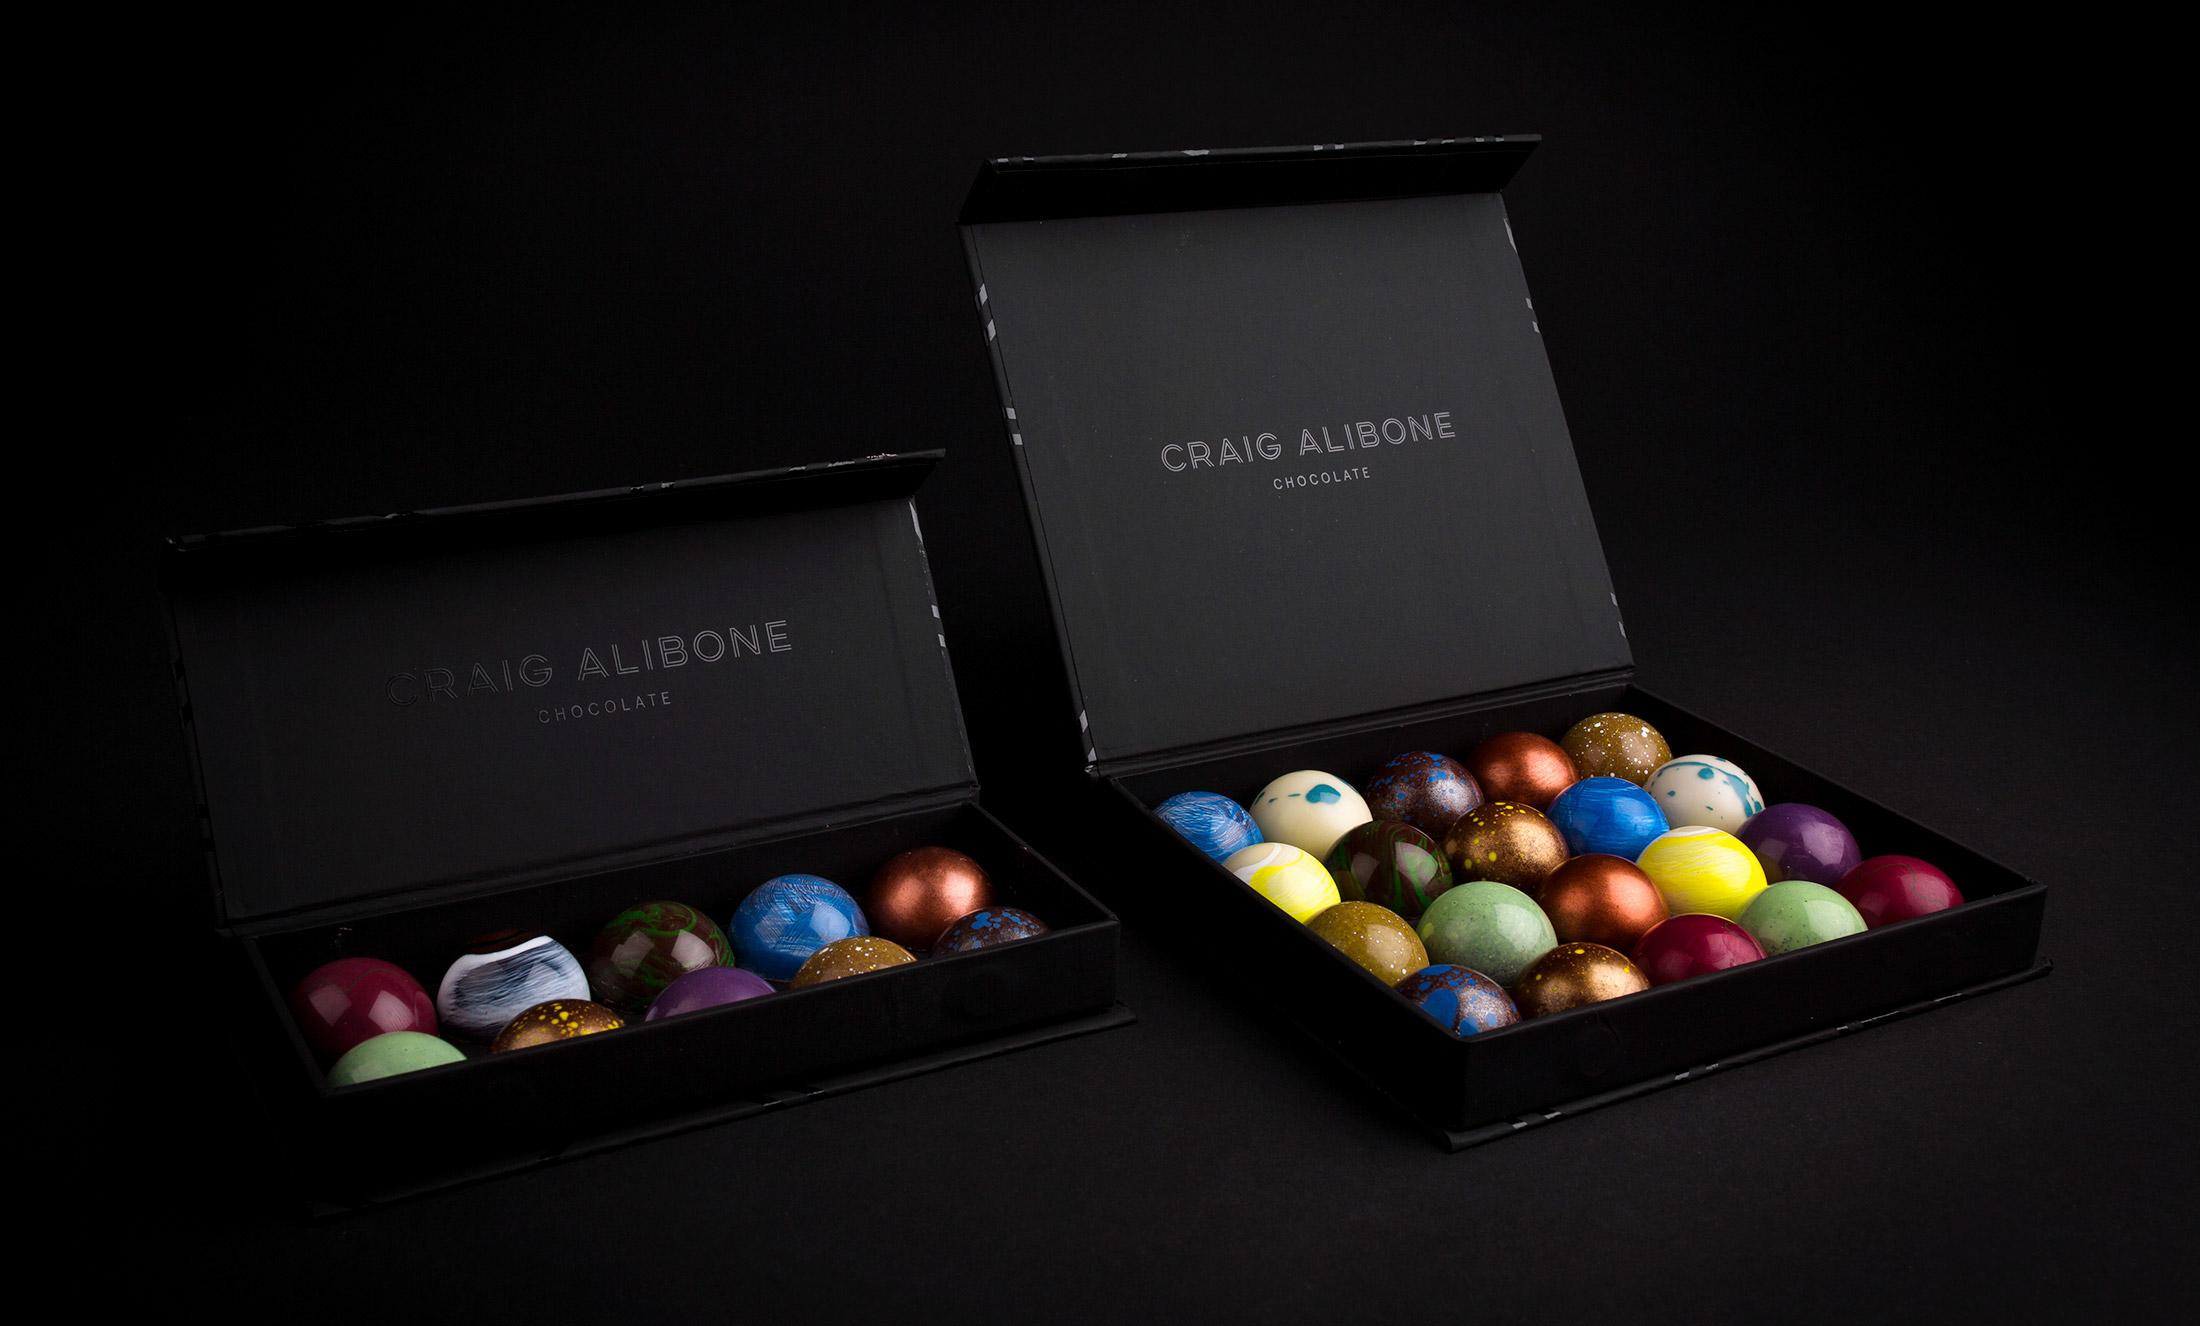 Craig Alibone Chocolate 品牌推广插图(2)